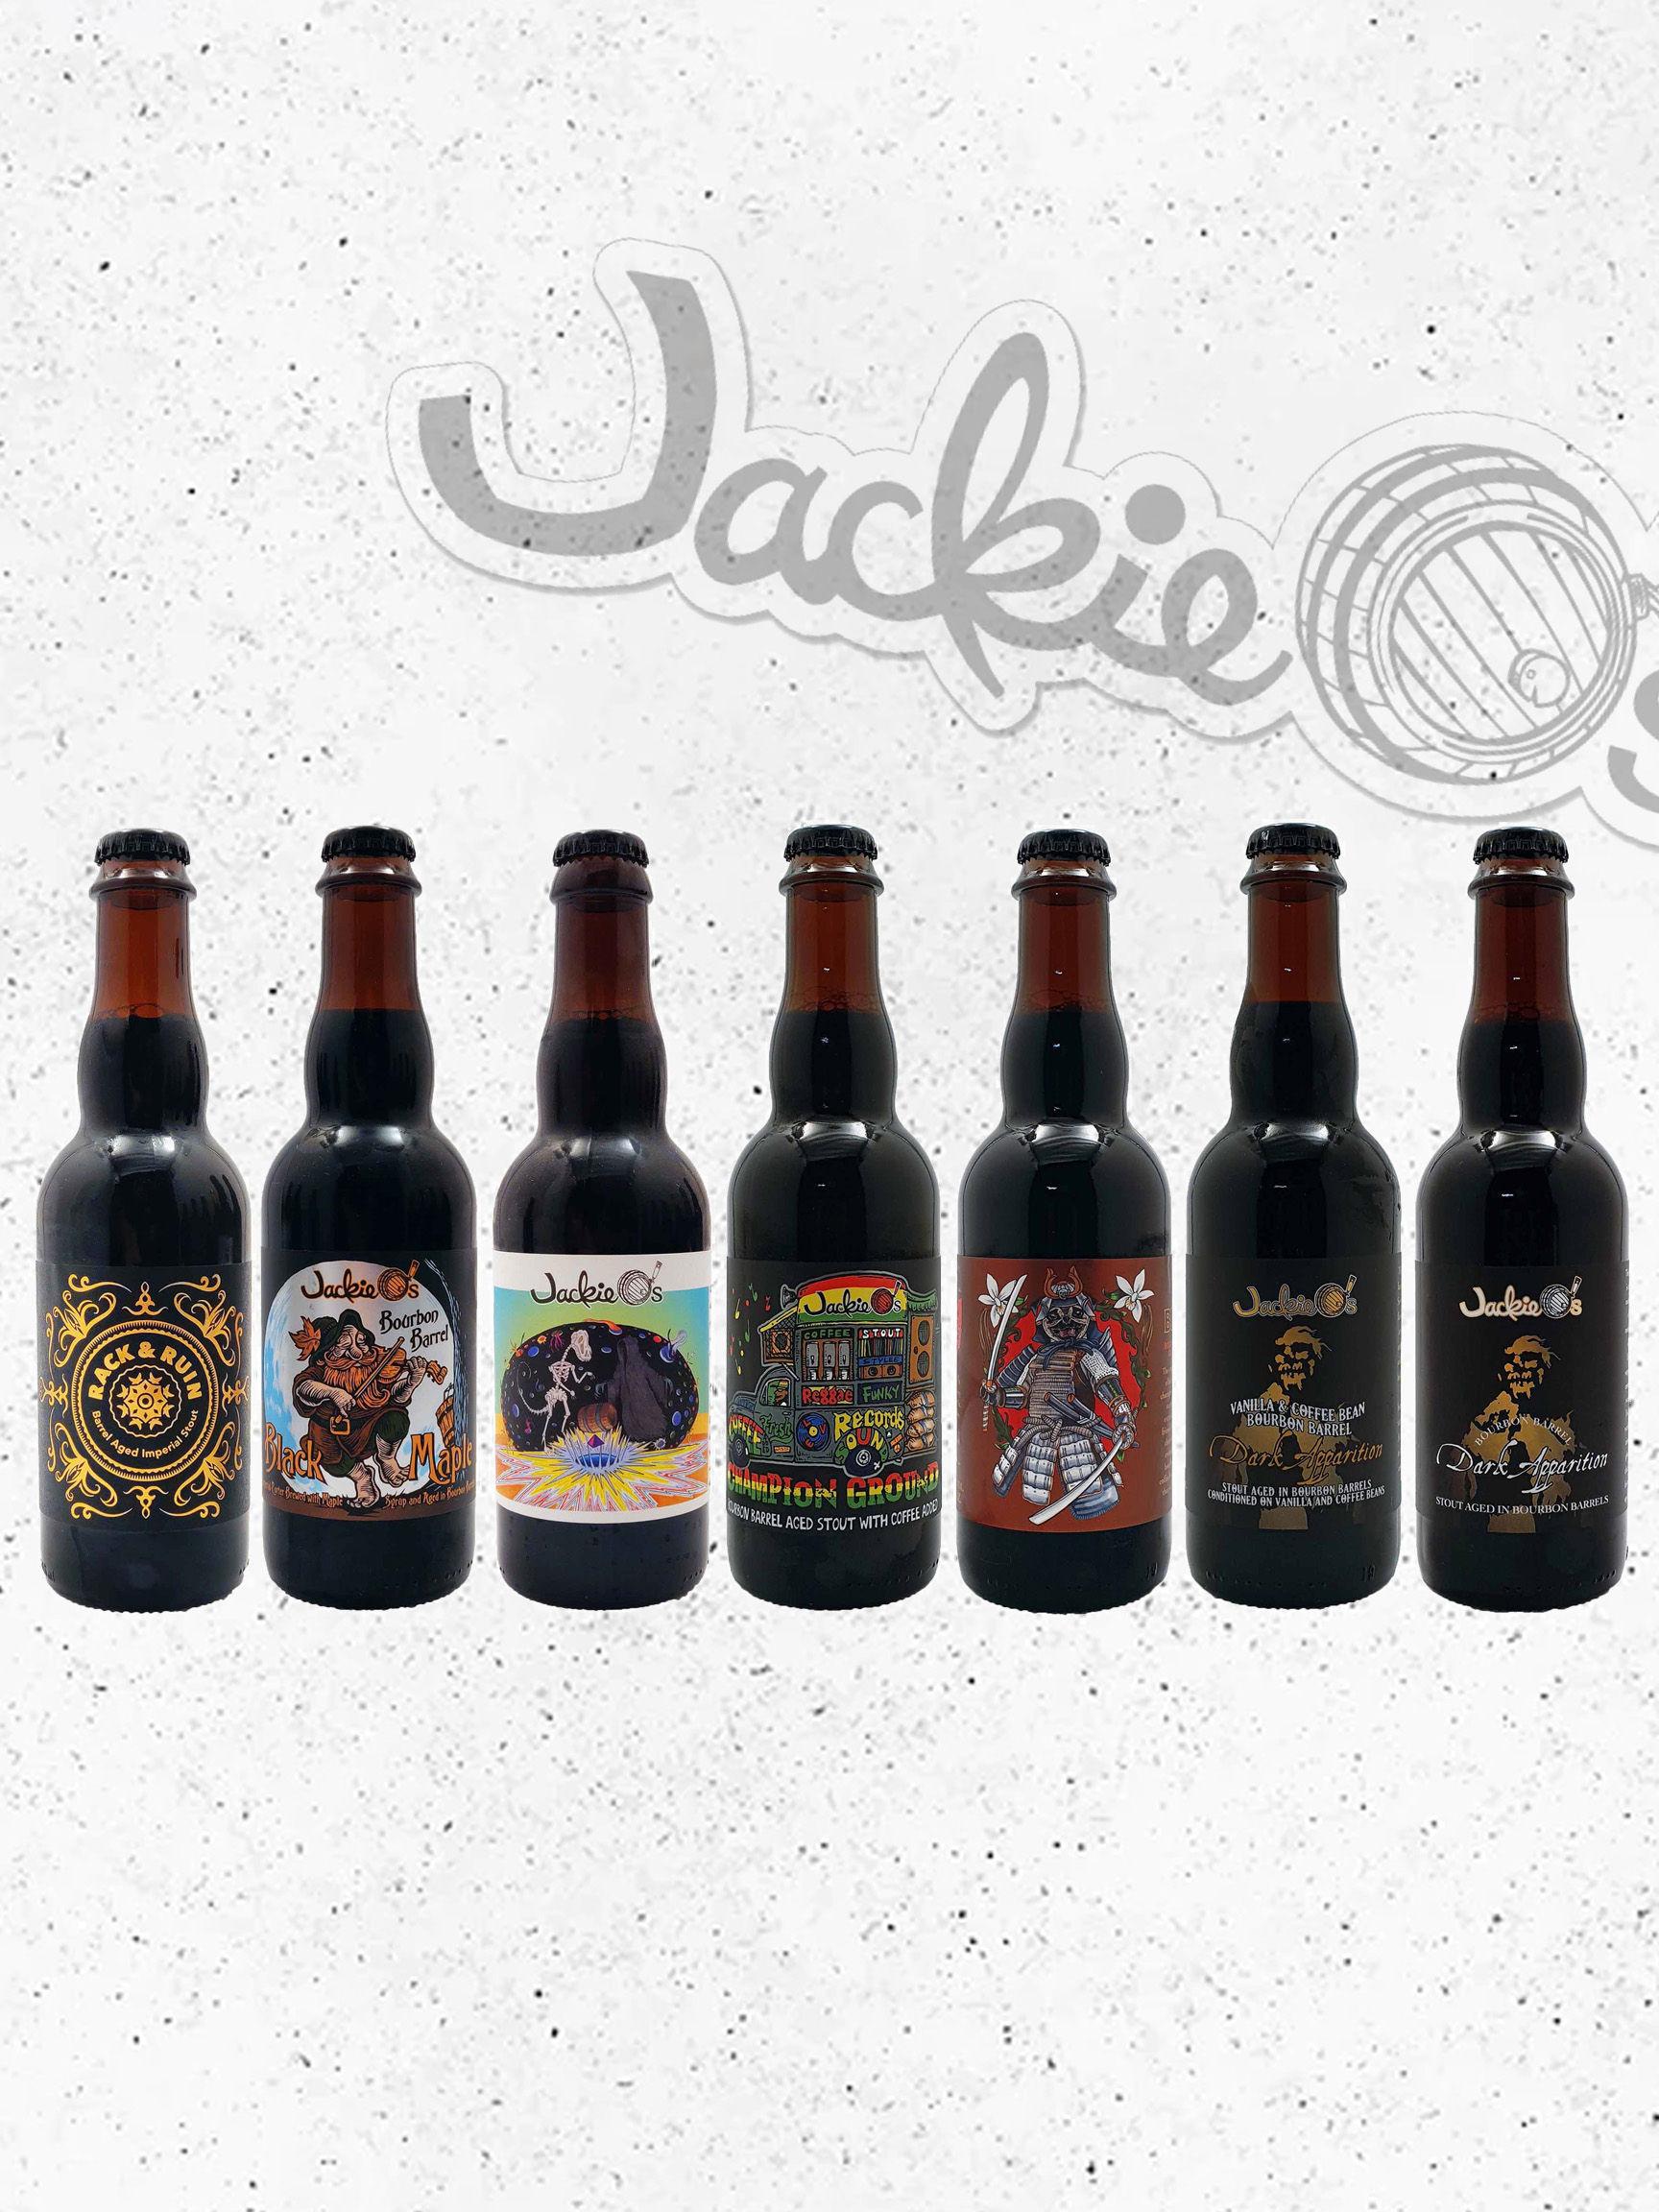 Jackie O's bundle